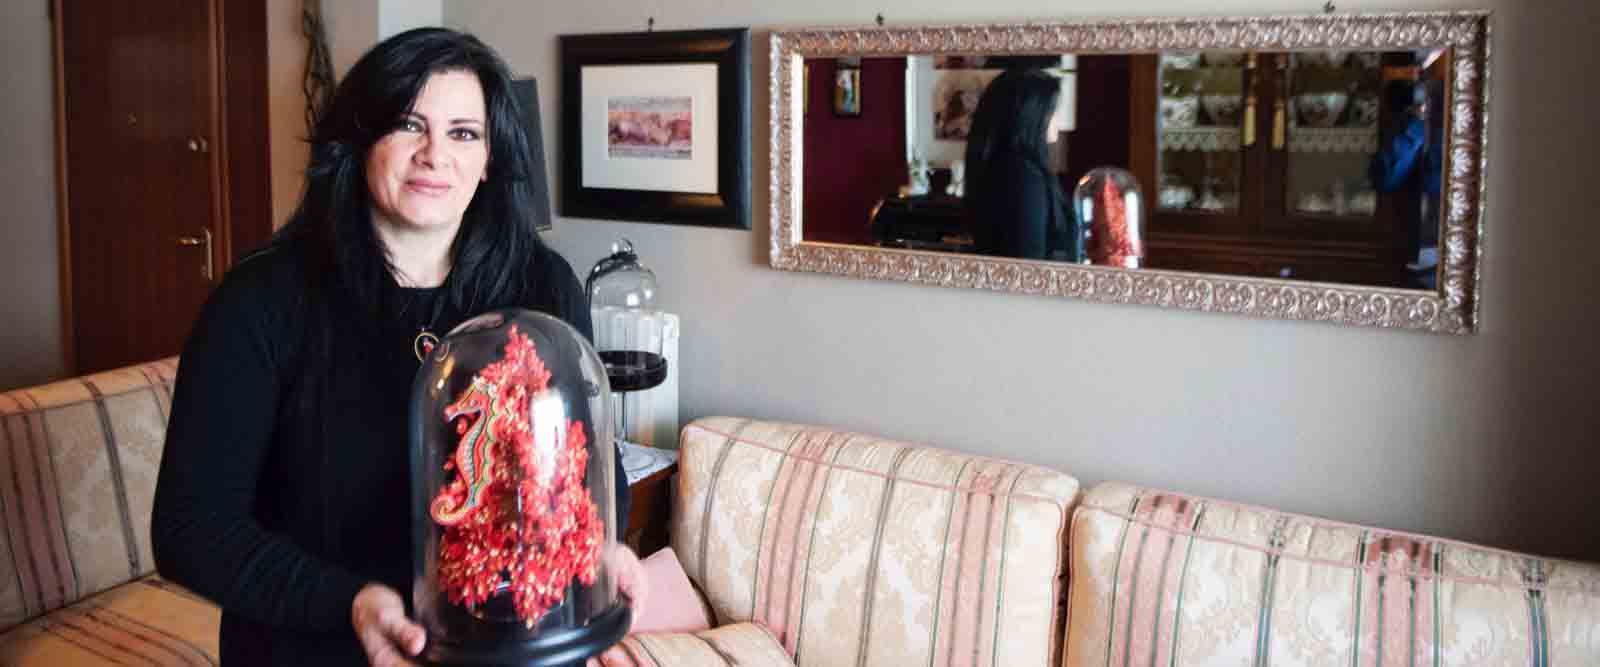 Anna Gardu: il ricamo dei fichi, nuova scommessa